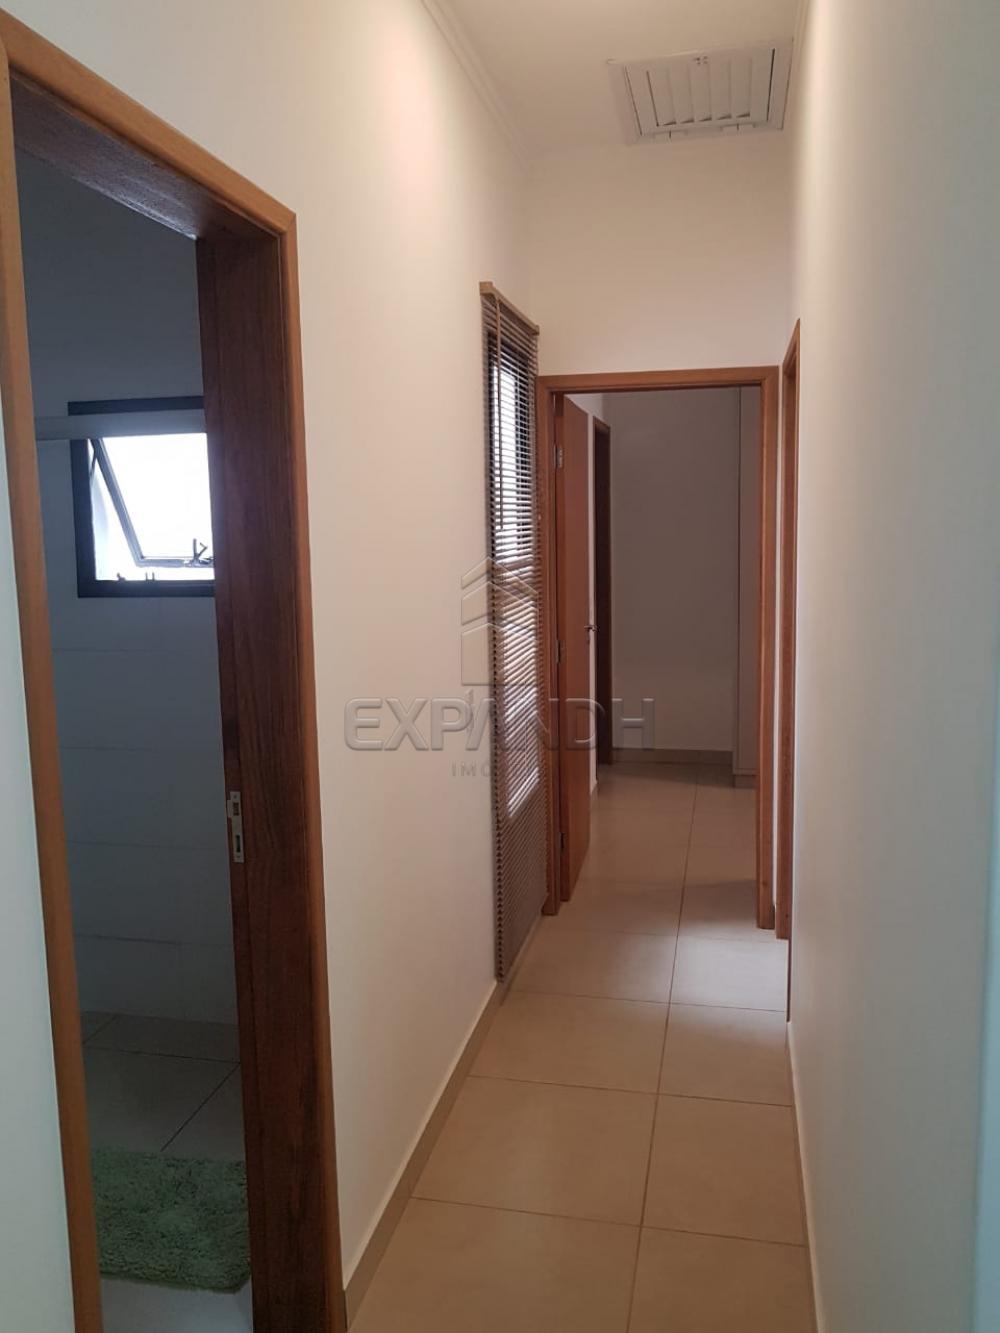 Comprar Apartamentos / Padrão em Sertãozinho apenas R$ 220.000,00 - Foto 16